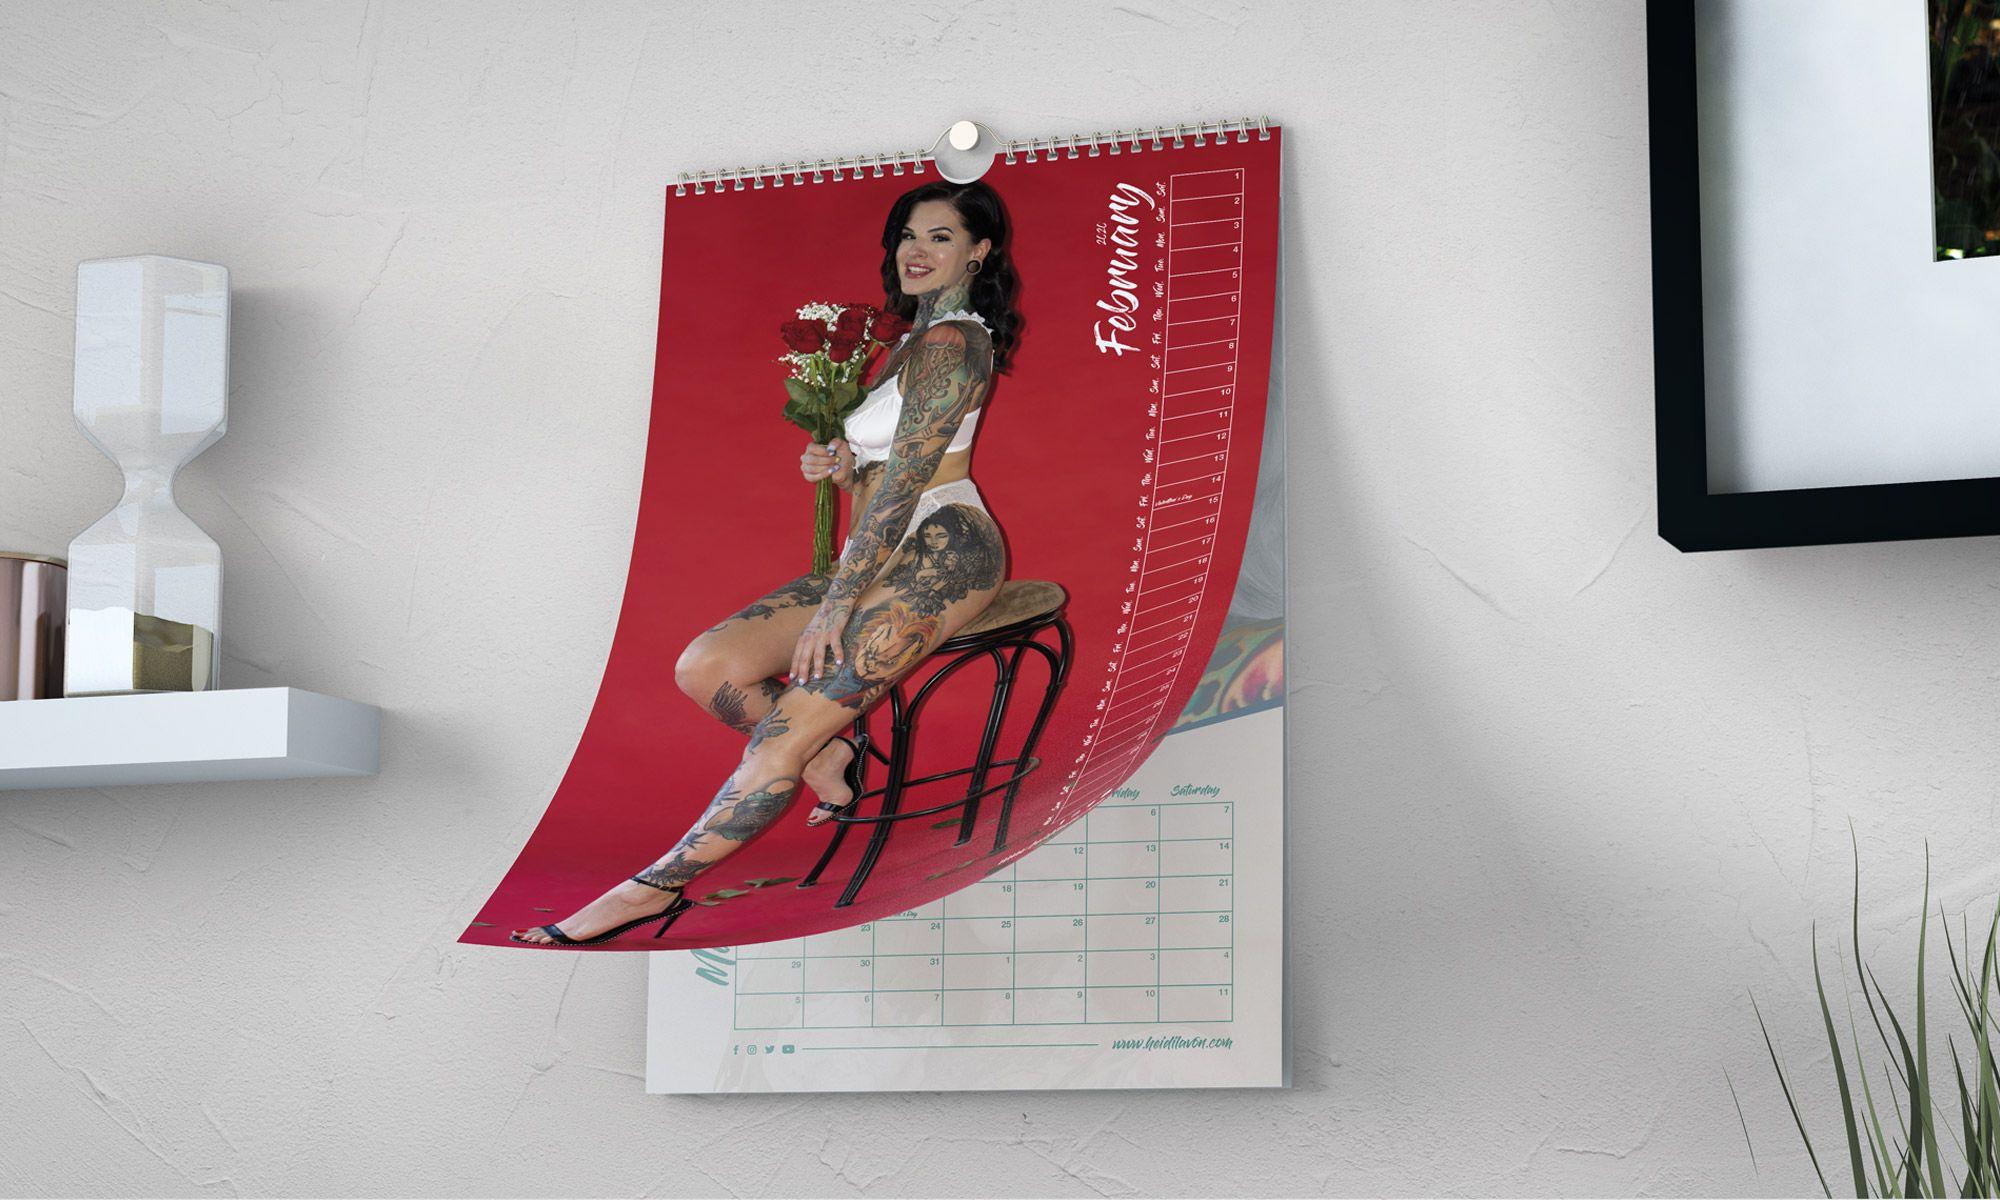 Heidi Lavon Calendario 2020 - Anteprima